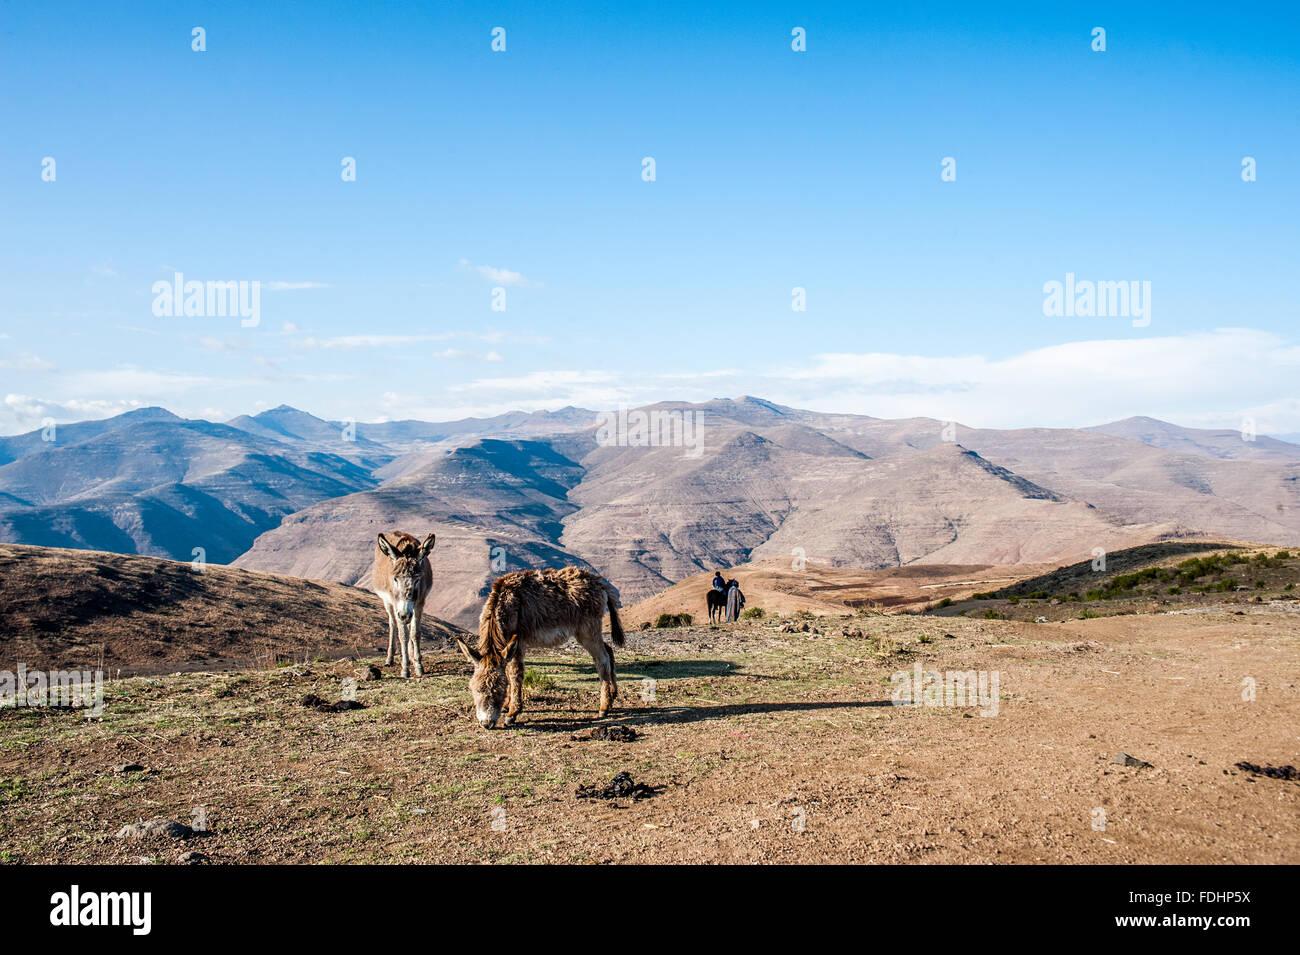 Los burros pastando y una persona a caballo en las montañas de Lesotho, África Imagen De Stock